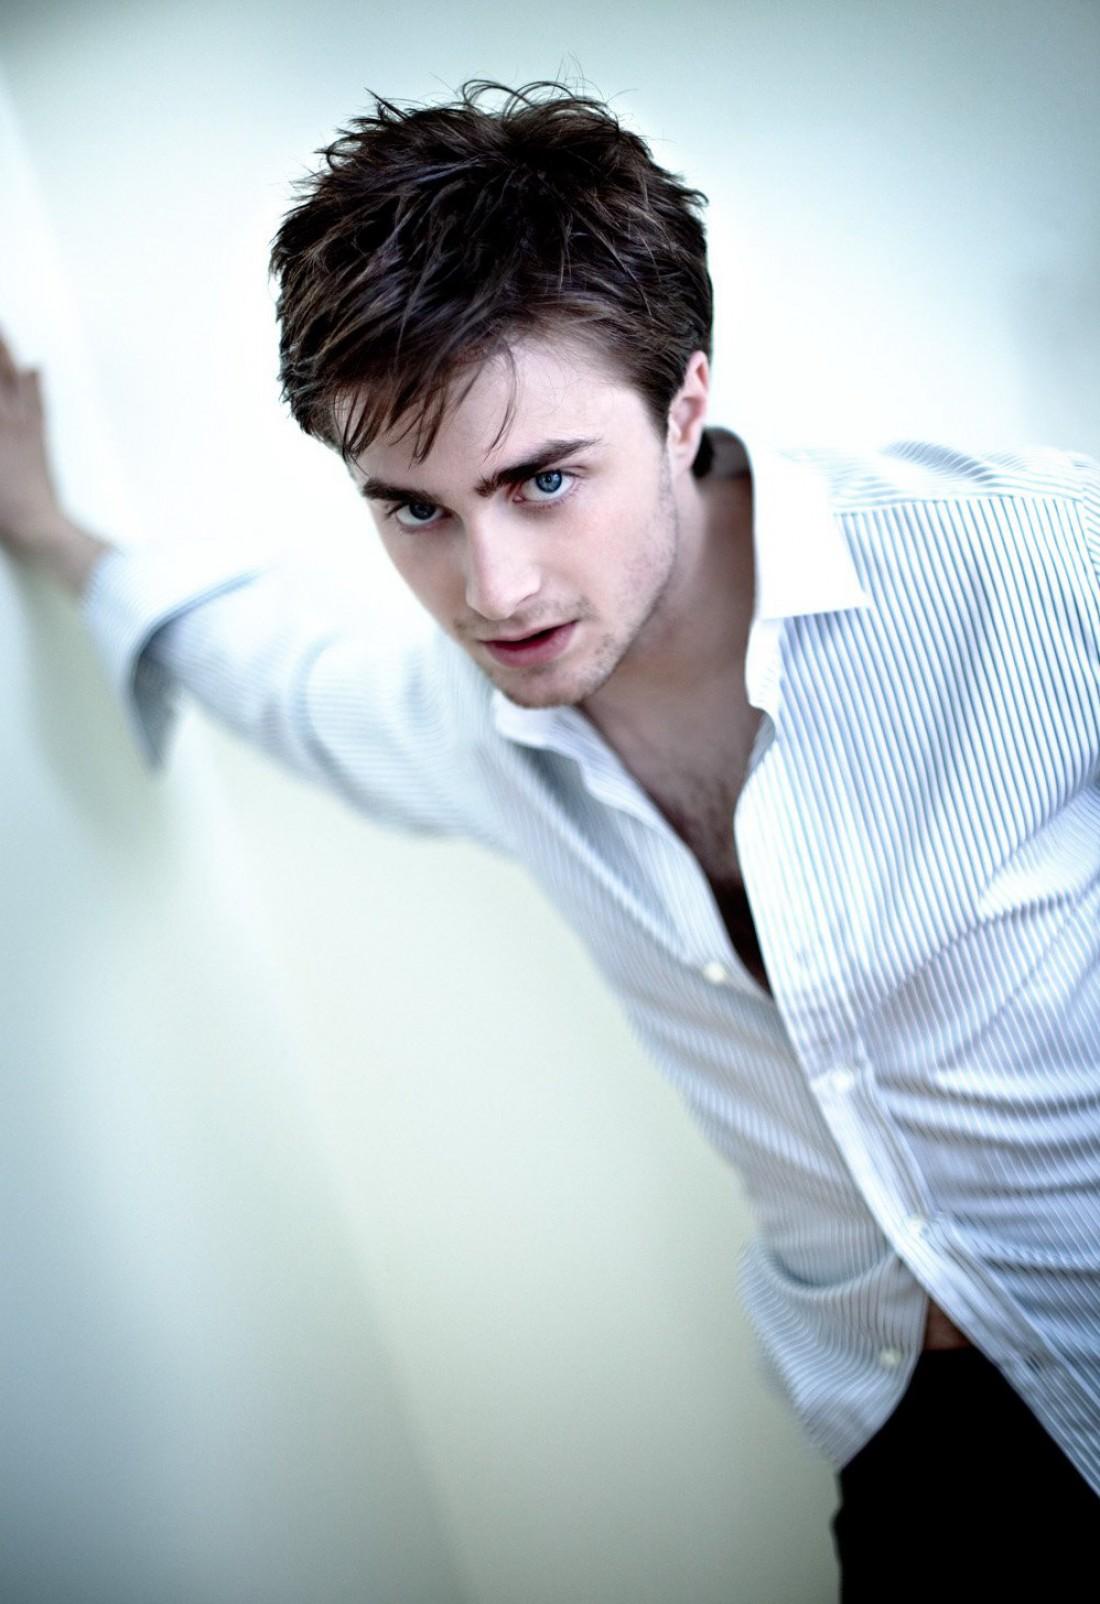 Звезда «Гарри Поттера» пил, потому что боялся оказаться на дне актерской славы